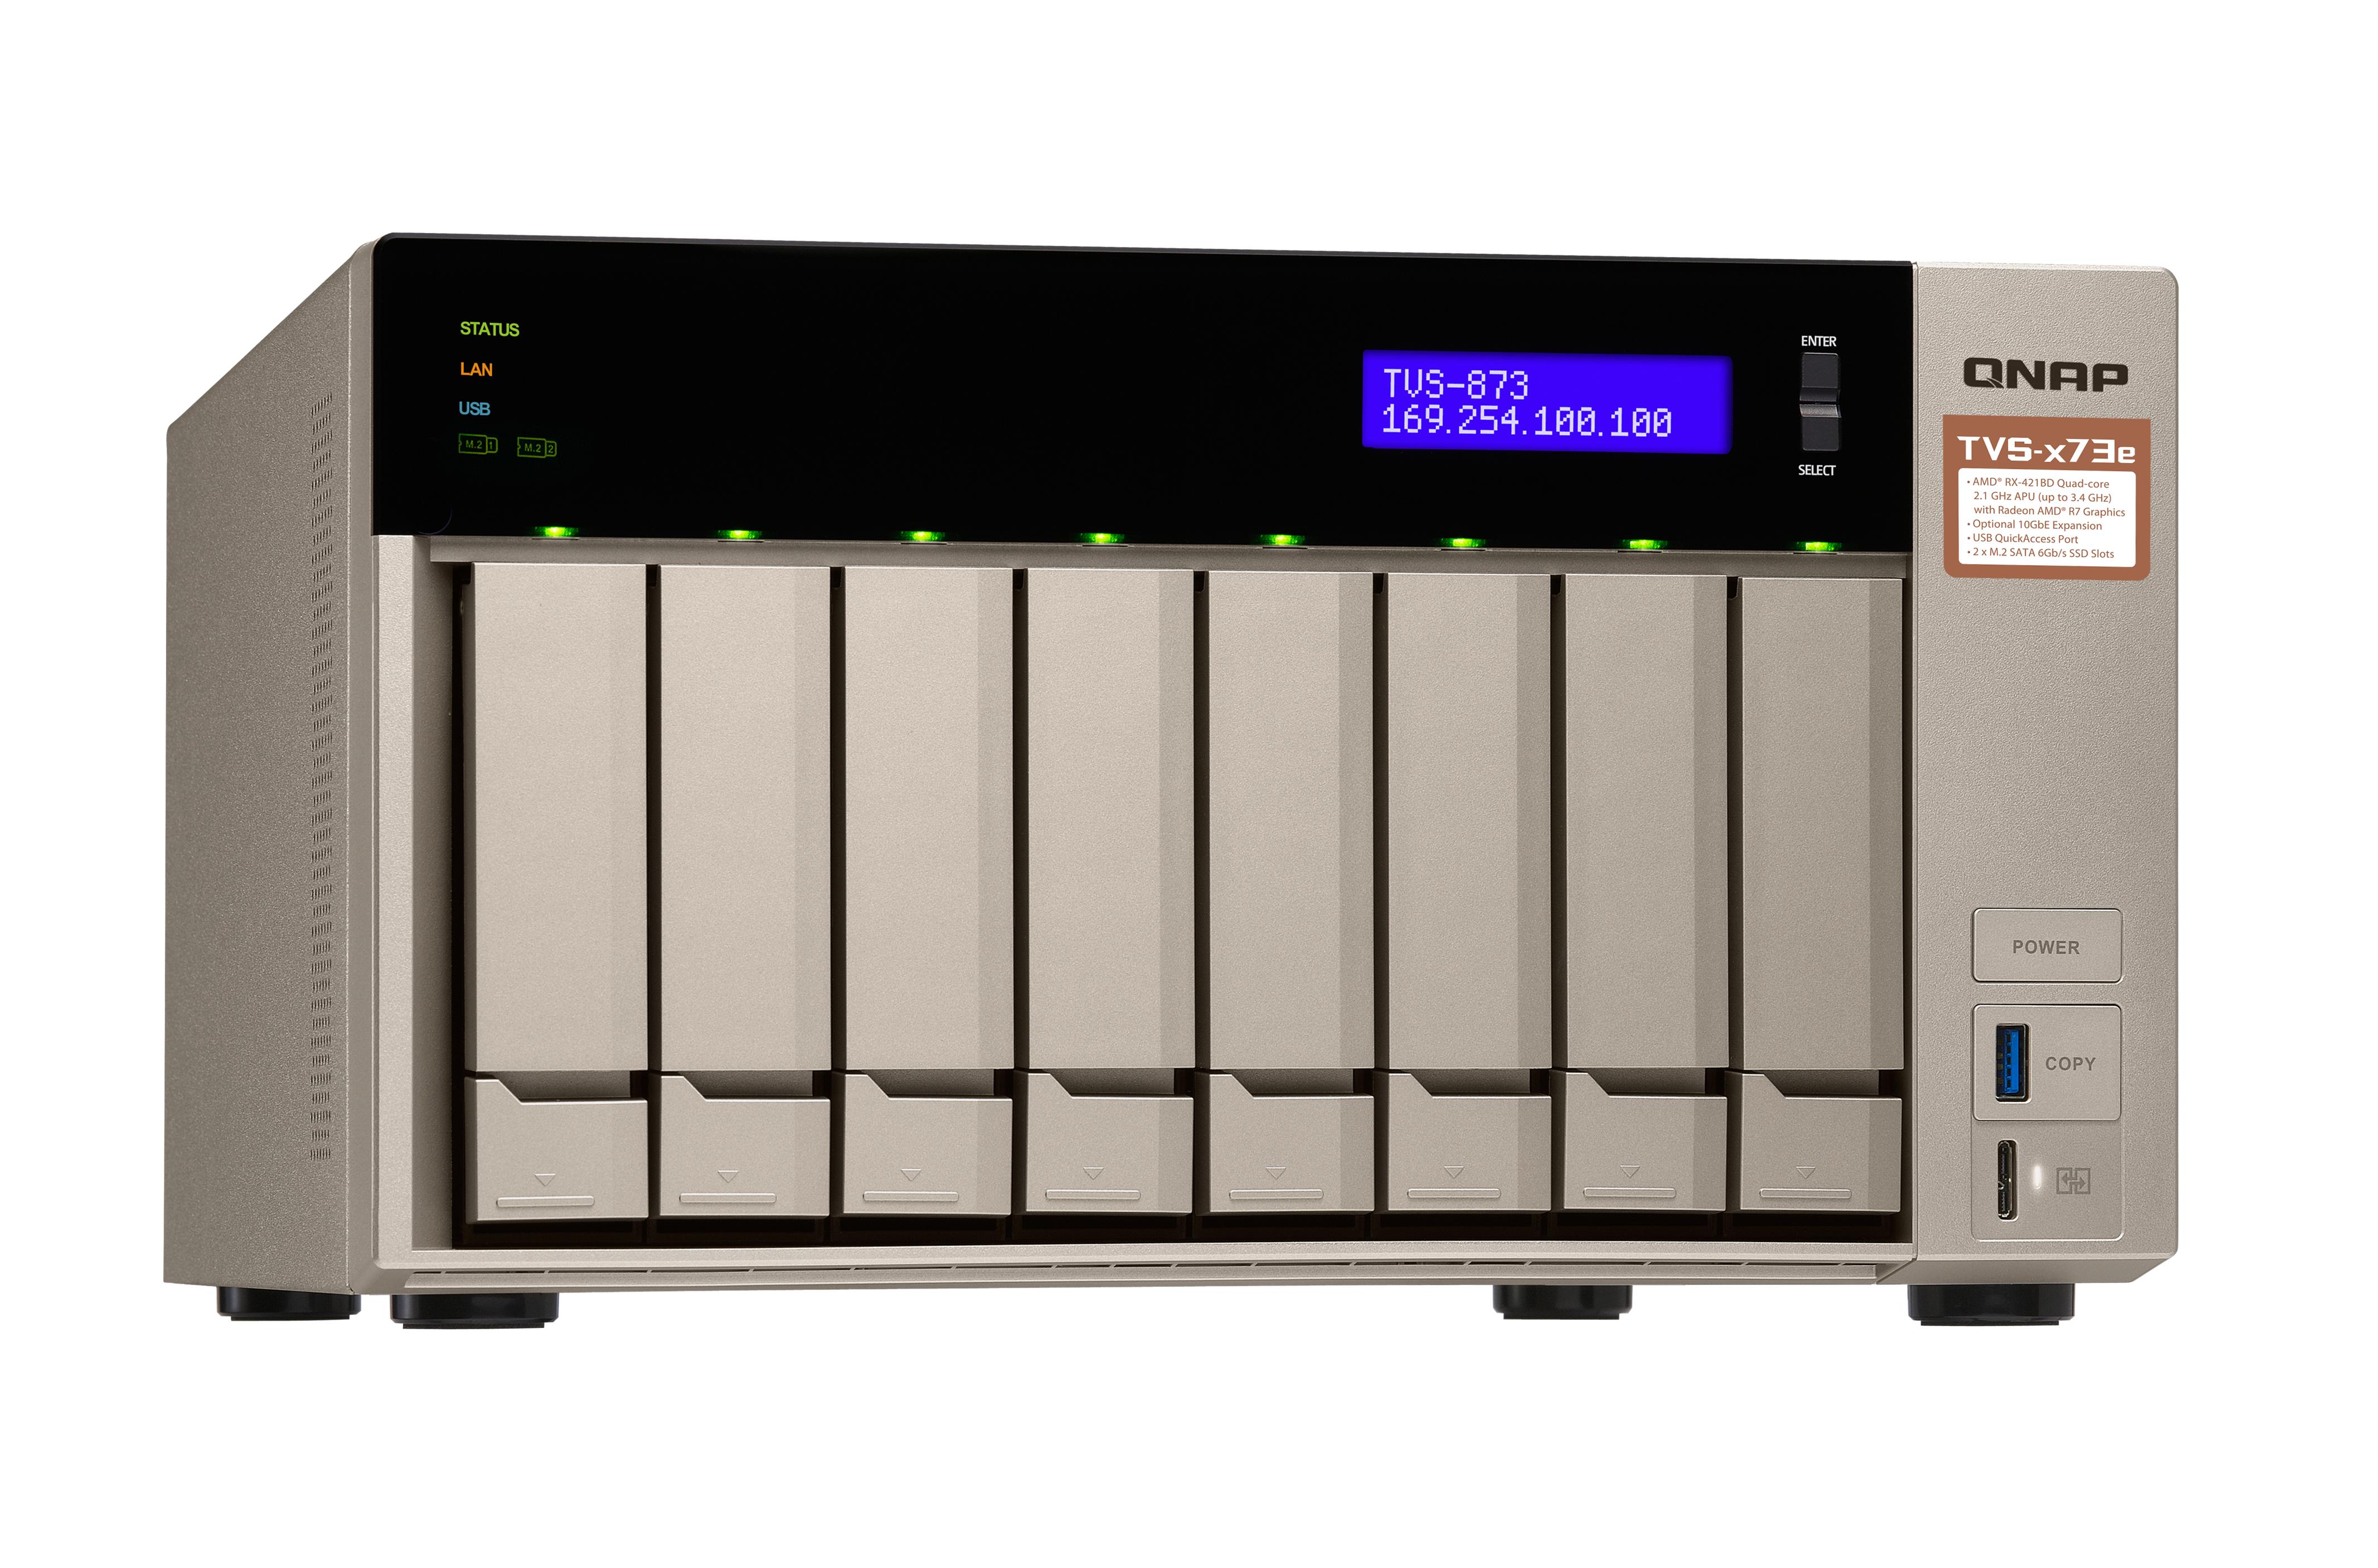 QNAP TVS-873e-4G NAS Torre Collegamento ethernet LAN Grigio